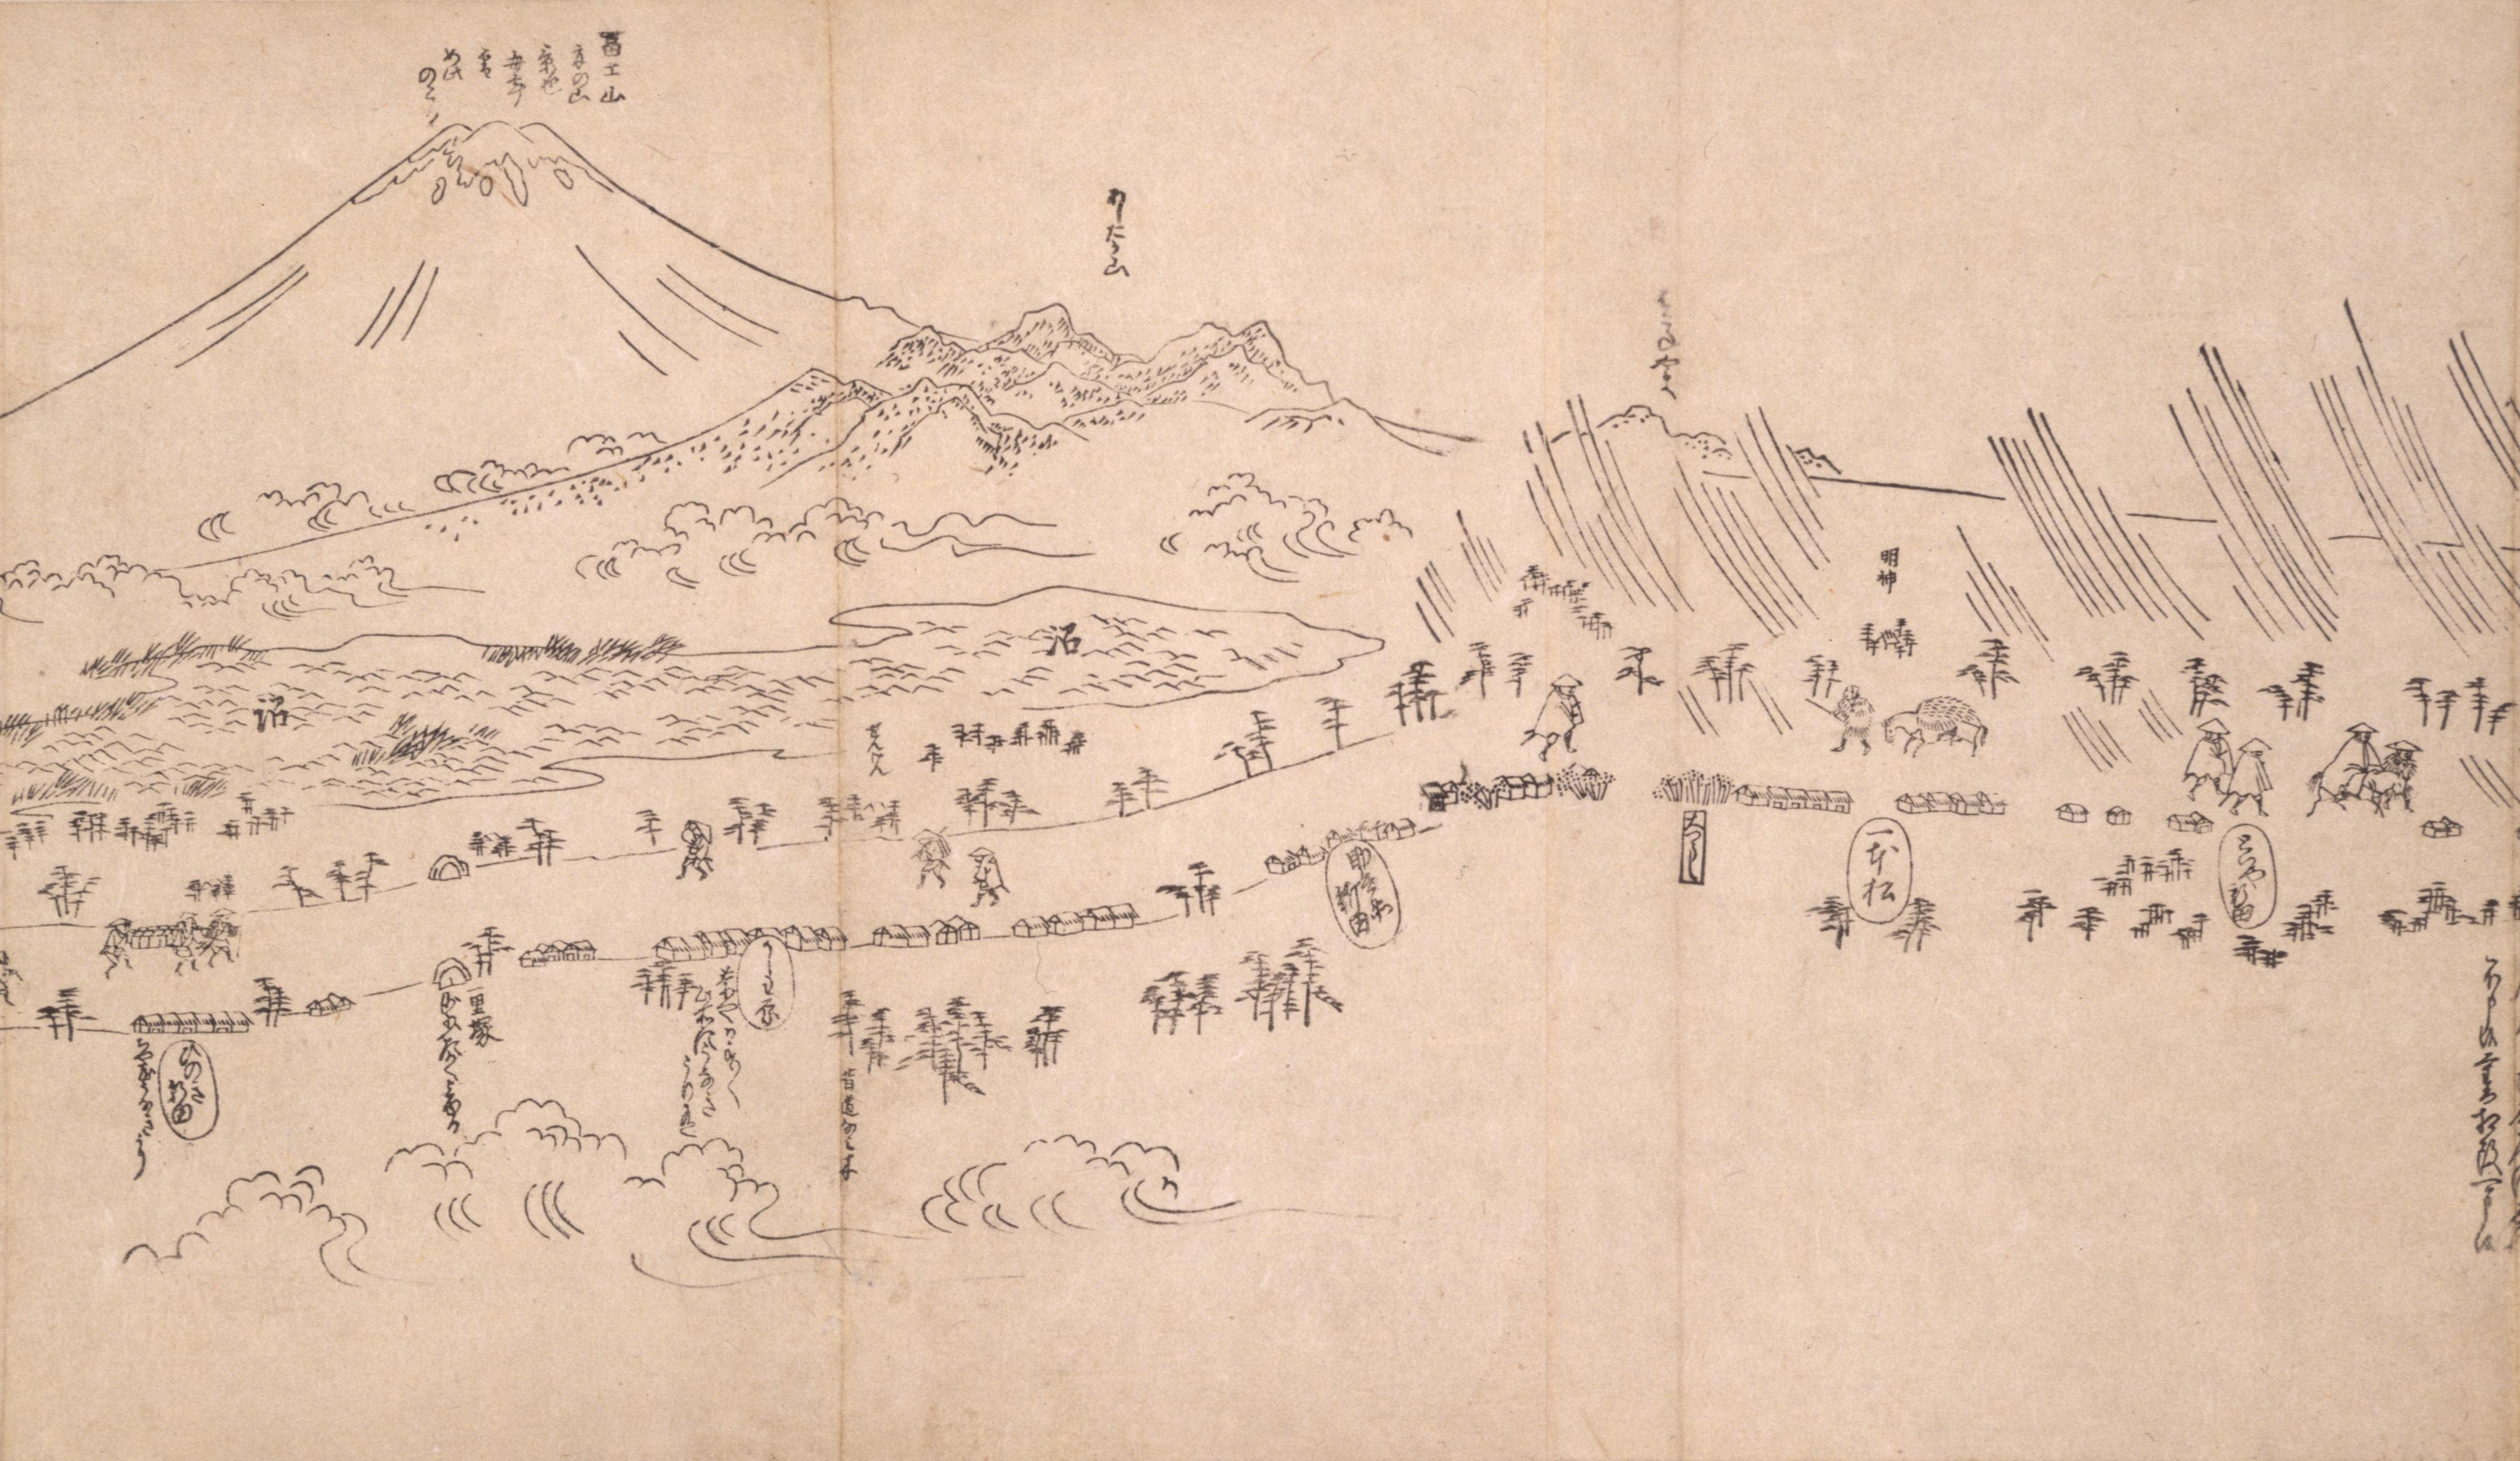 東海道分間之図 二十二